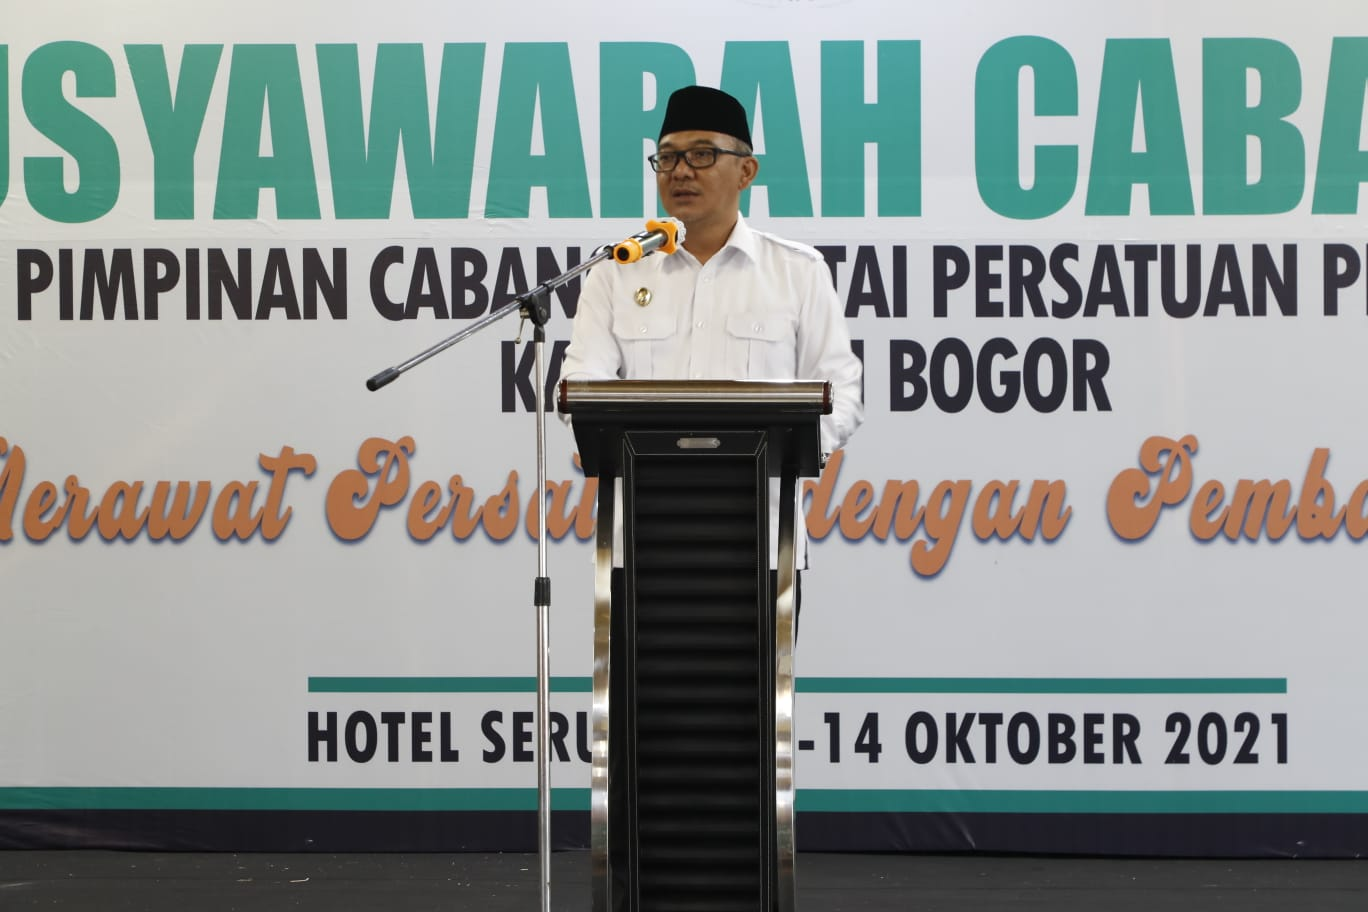 Wakil Bupati Bogor: Kita Semua Punya Andil Membangun Kabupaten Bogor